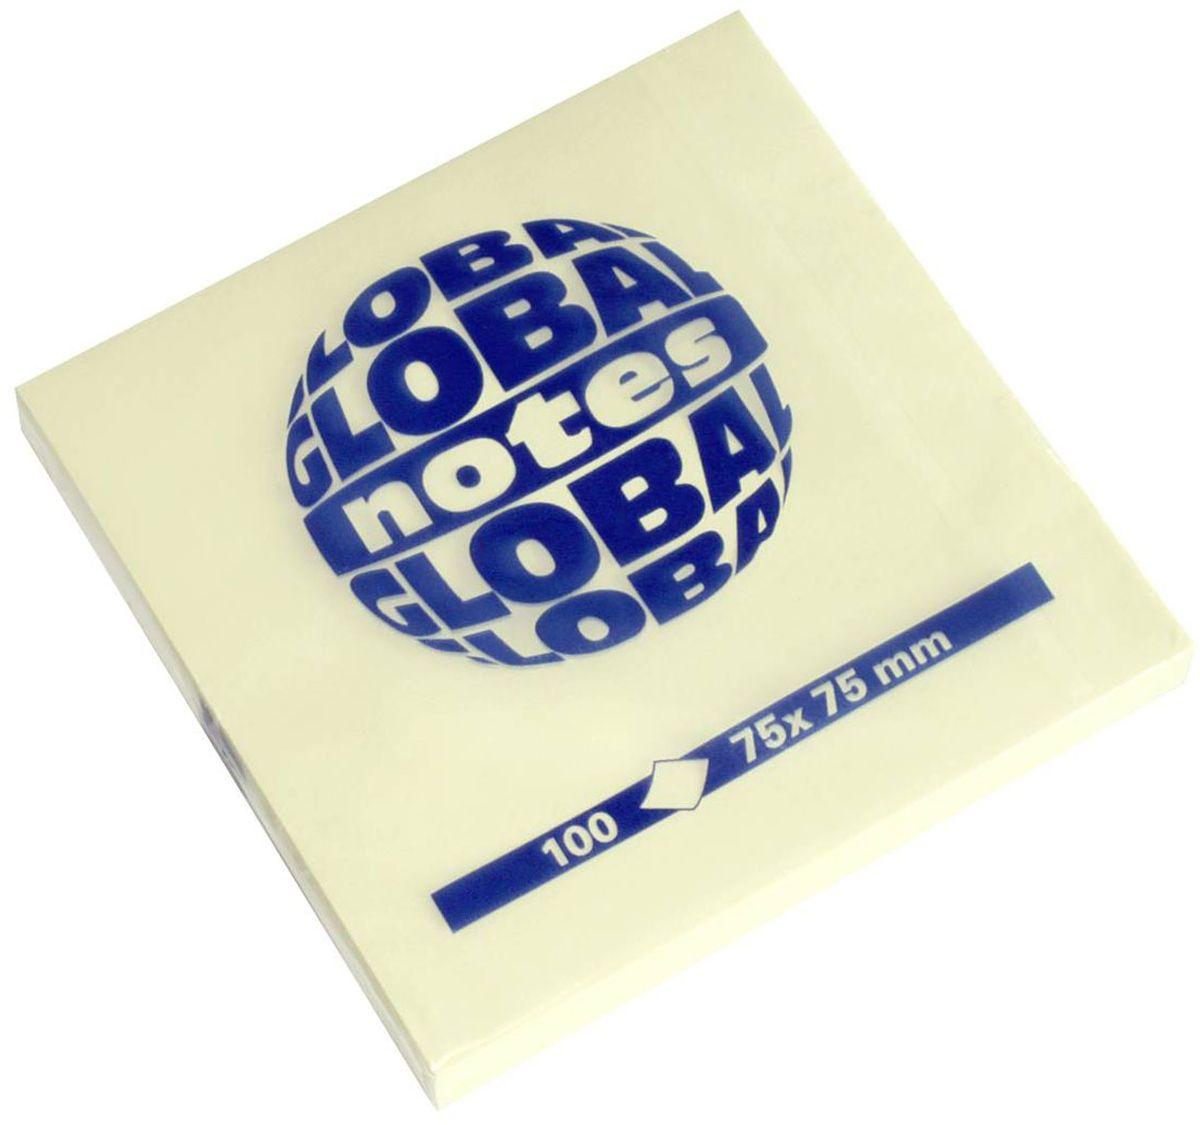 Global Notes Бумага для заметок с липким слоем цвет желтый 100 листов 365401365401С липким слоем. Желтый пастельный цвет. Размер 75х75 мм. В блоке 100 листов Плотность бумаги 70гр/м2